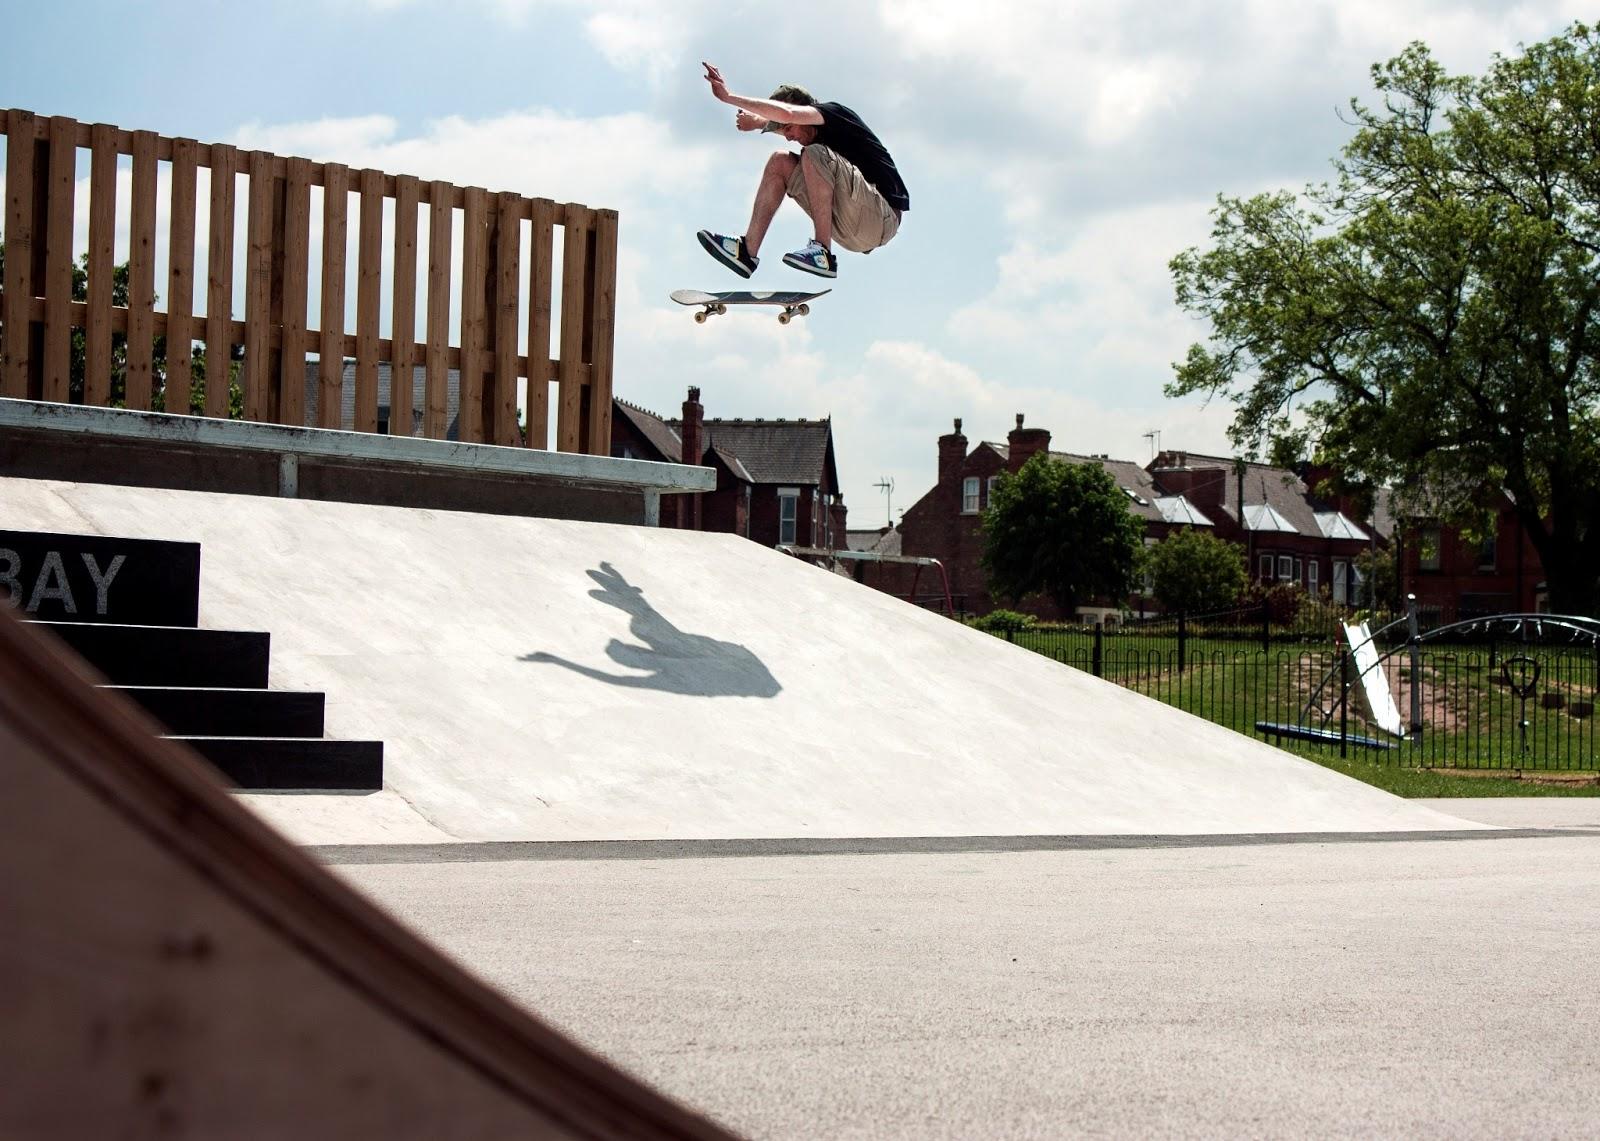 Rob Nelson FS Flip Lady Bay Skatepark V3